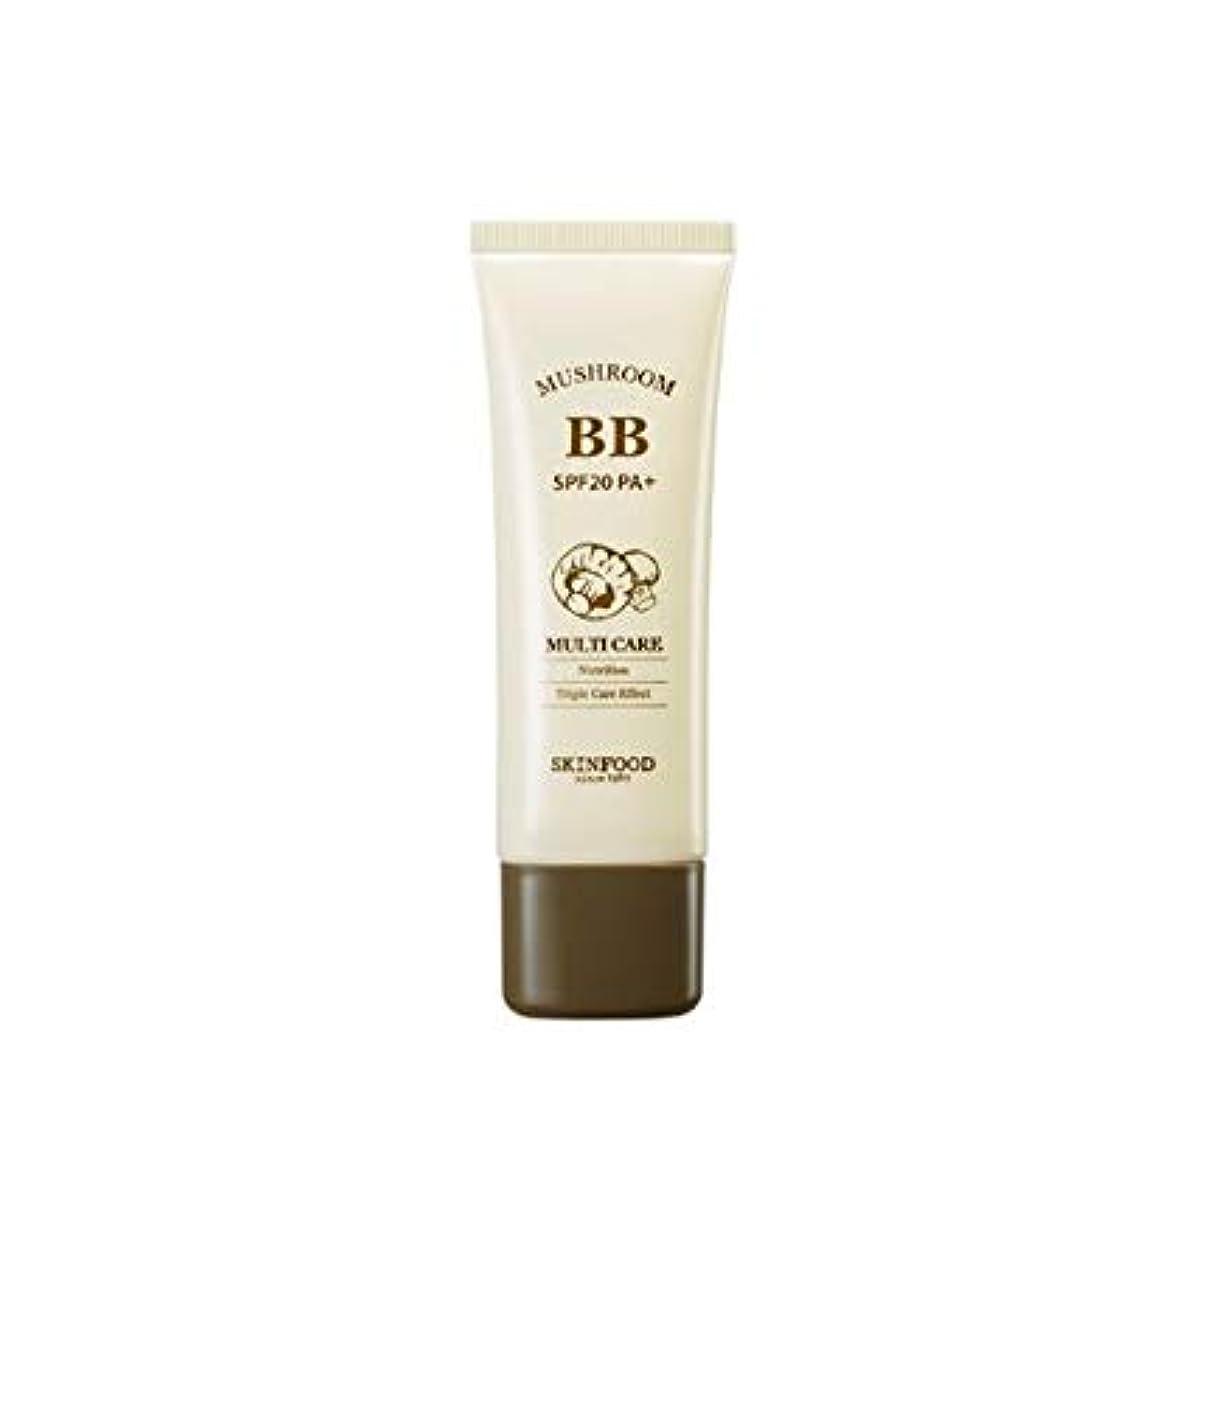 ローズパイル完全にSkinfood マッシュルームマルチケアBBクリームSPF20 PA +#No. 1ブライトスキン / Mushroom Multi Care BB Cream SPF20 PA+# No. 1 Bright Skin...